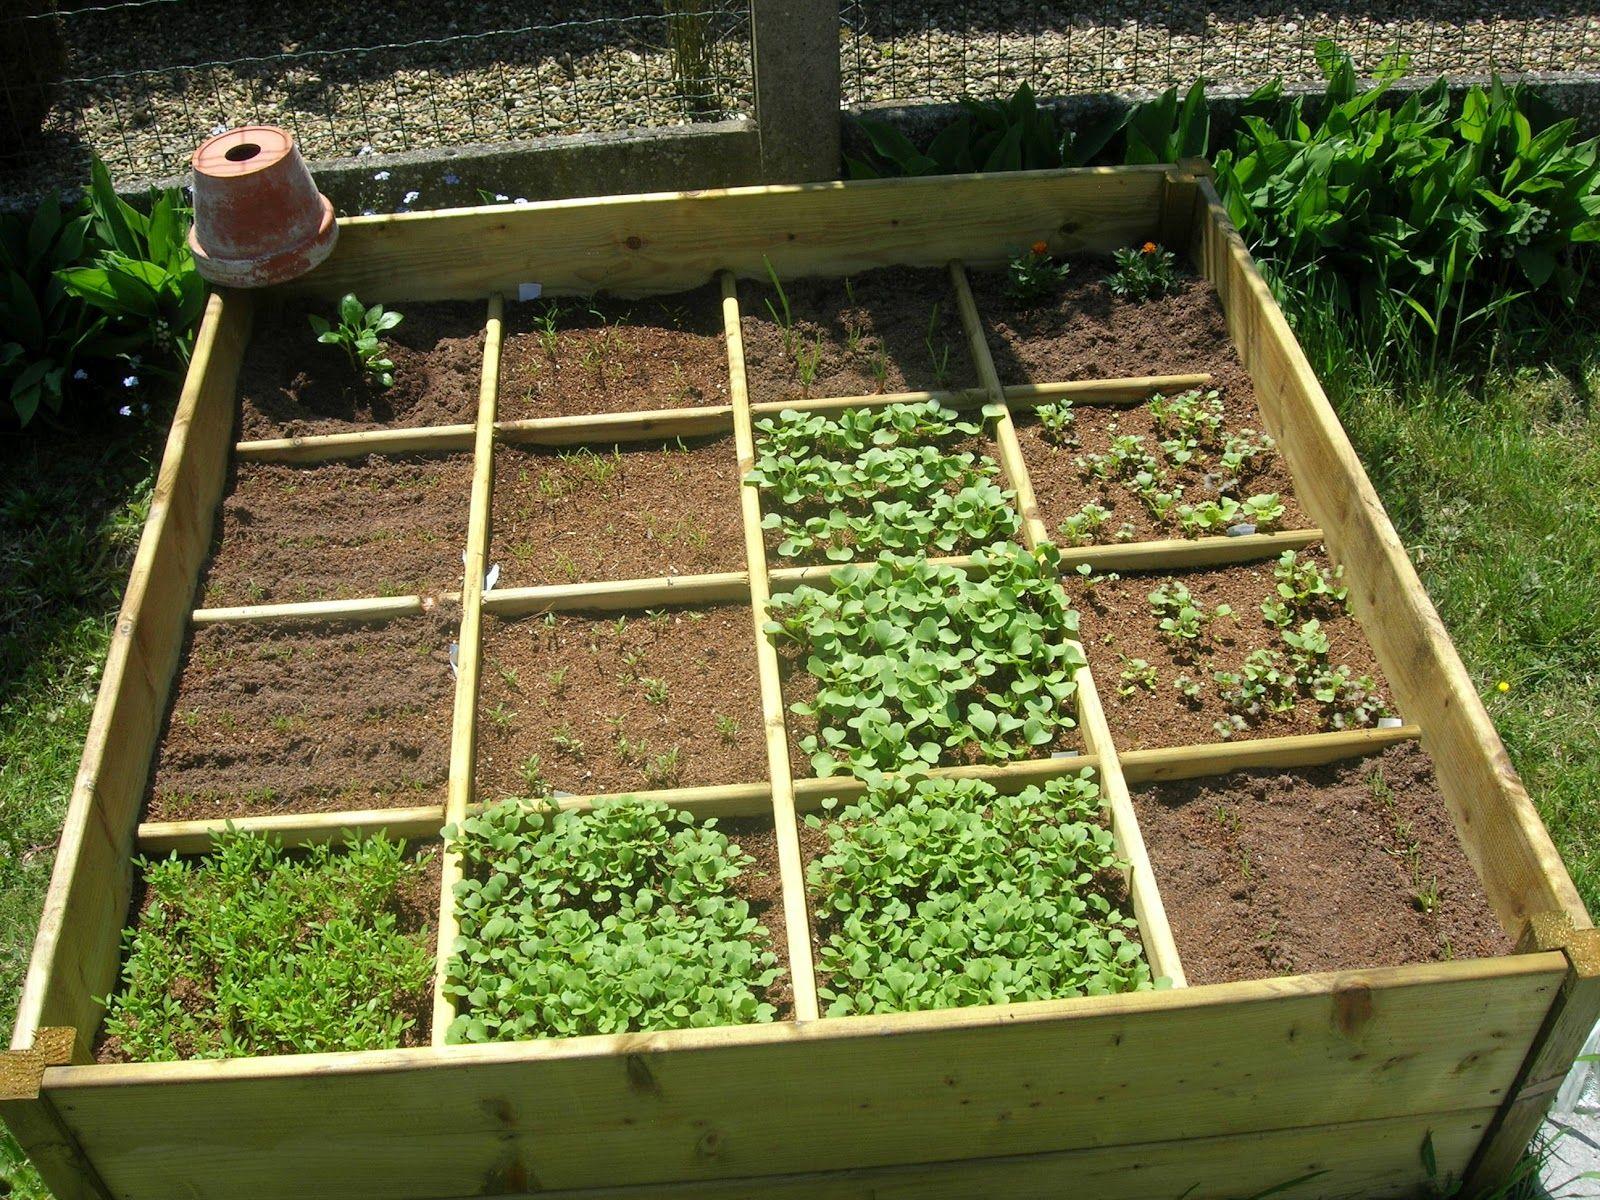 Photo De Grand Jardin Cultive Recherche Google Jardin Potager Jardinage Potager Facile